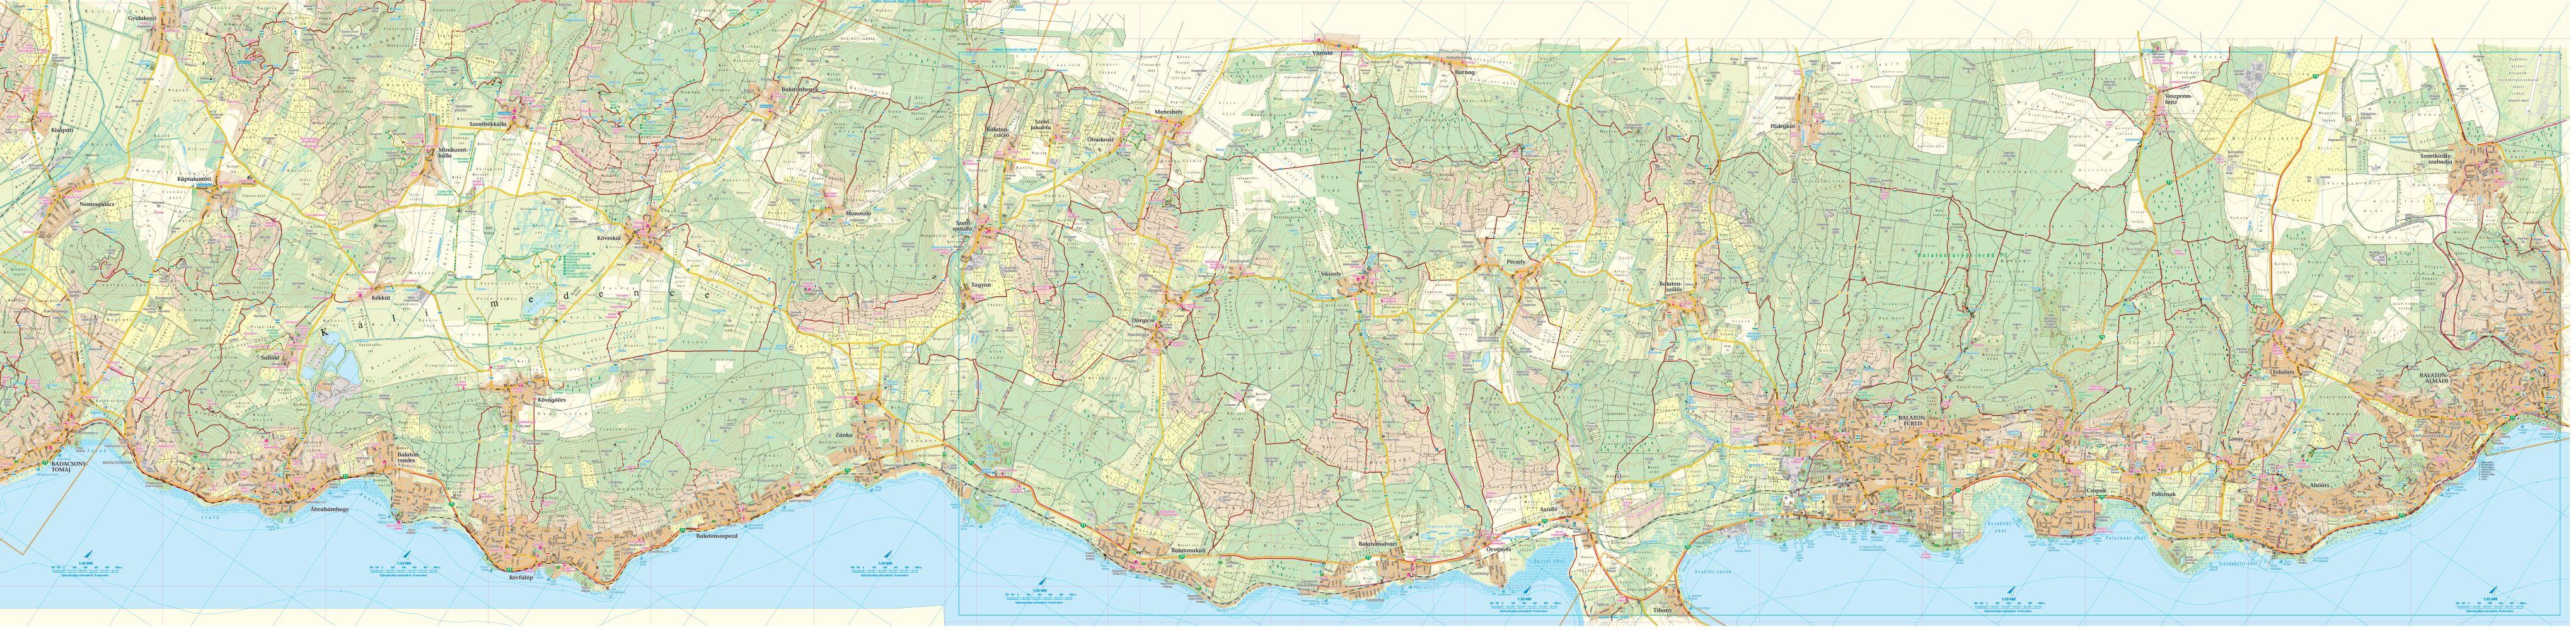 A Balaton-felvidék 1:25.000 térkép által lefedett terület